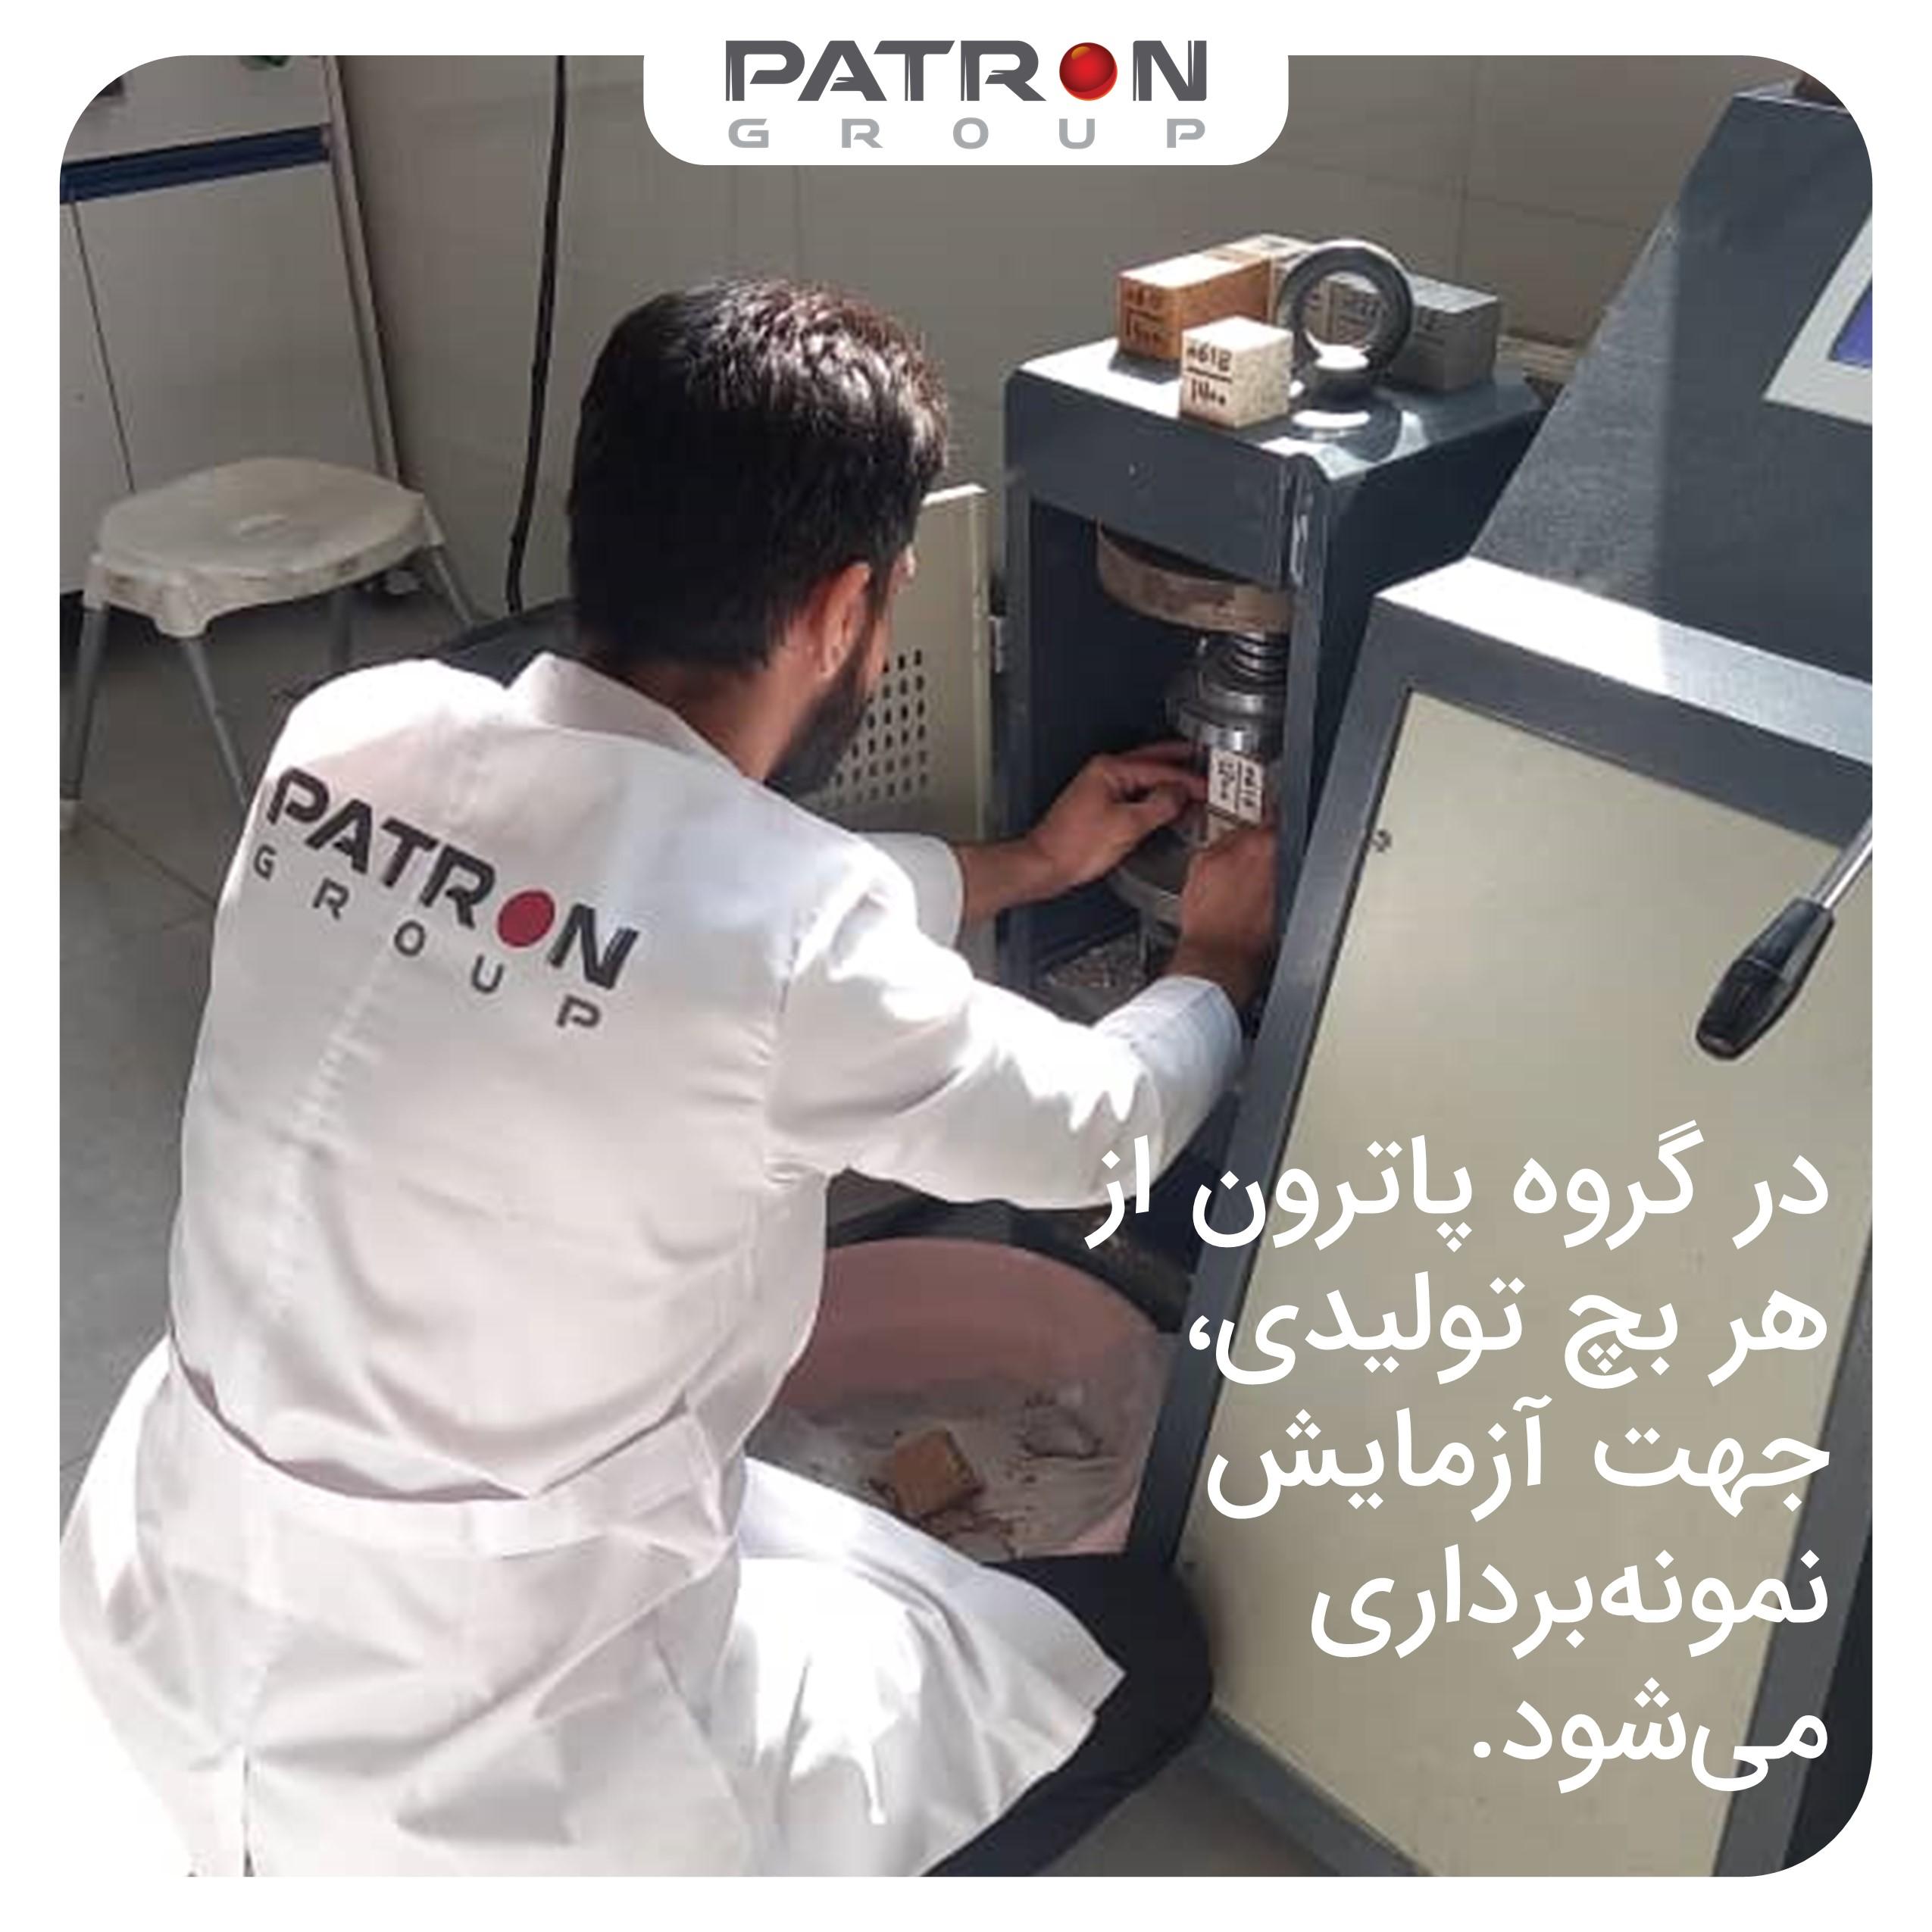 سیستم نمونه برداری خط تولید پاترون